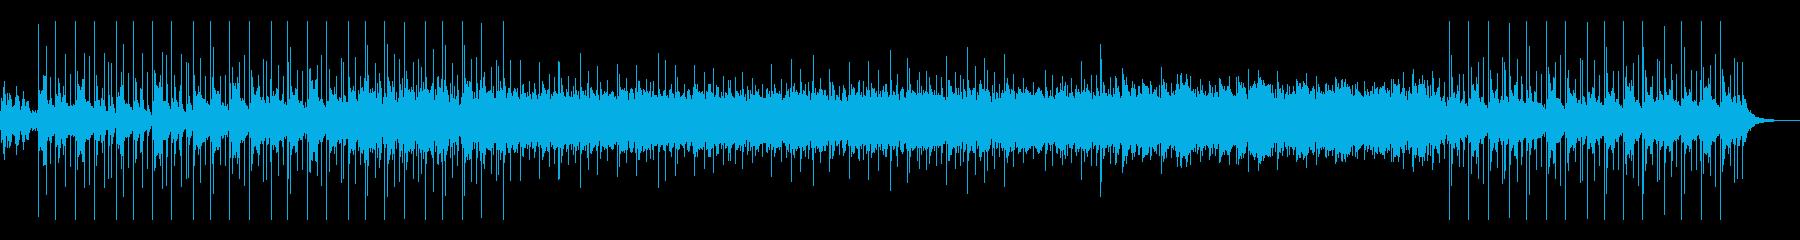 リラックスな太鼓の音とともにの再生済みの波形